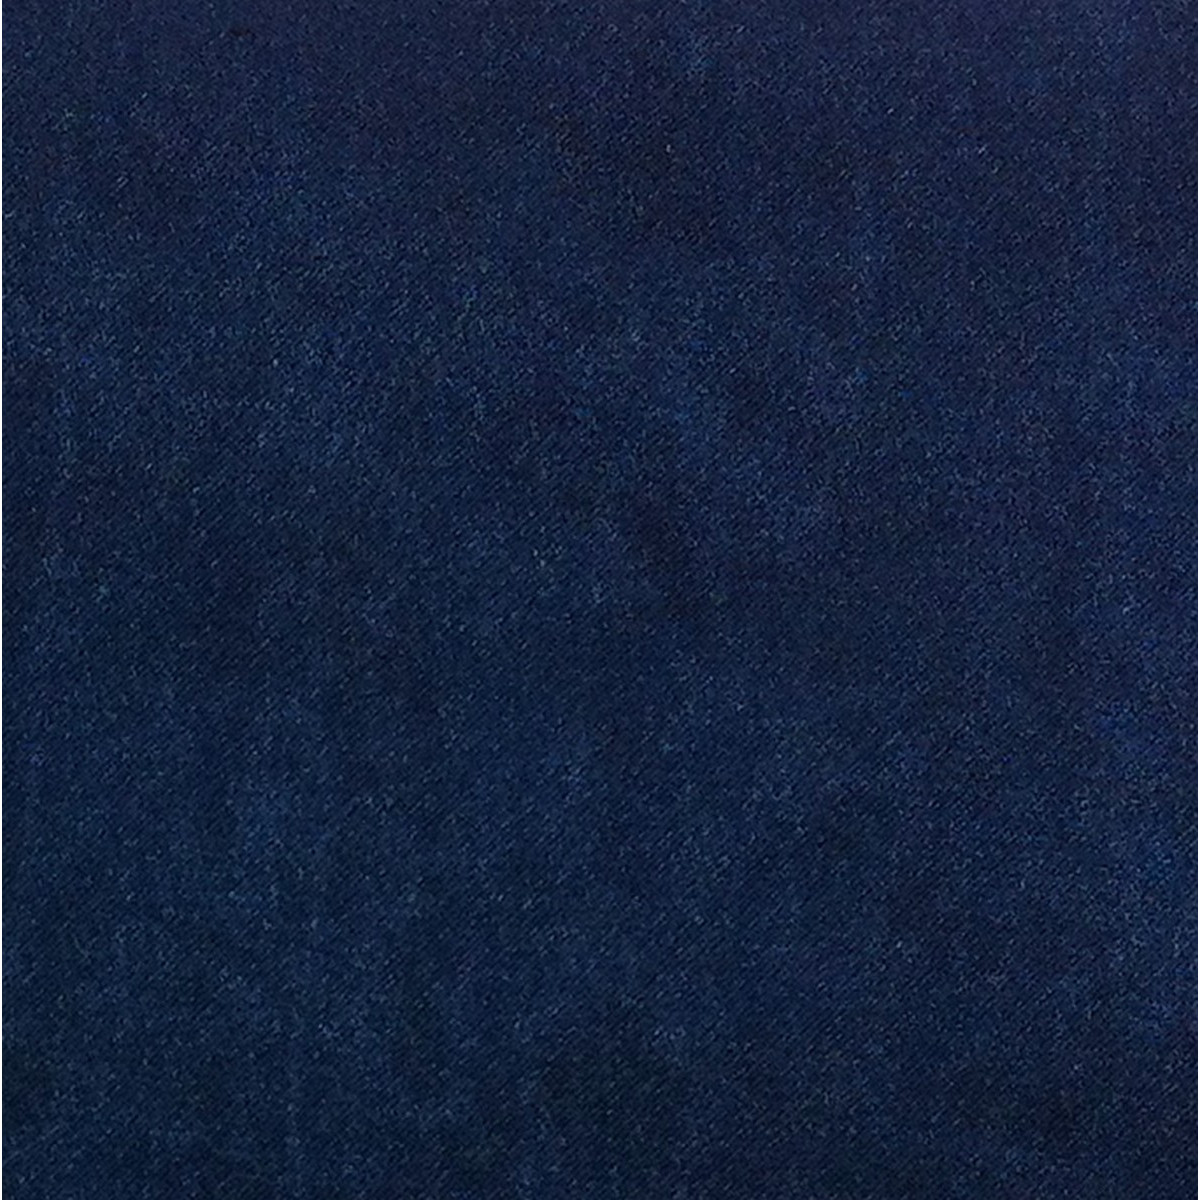 Couleur Bleu Marine Mademoiselle Rose Chaussures De Mariée Sur